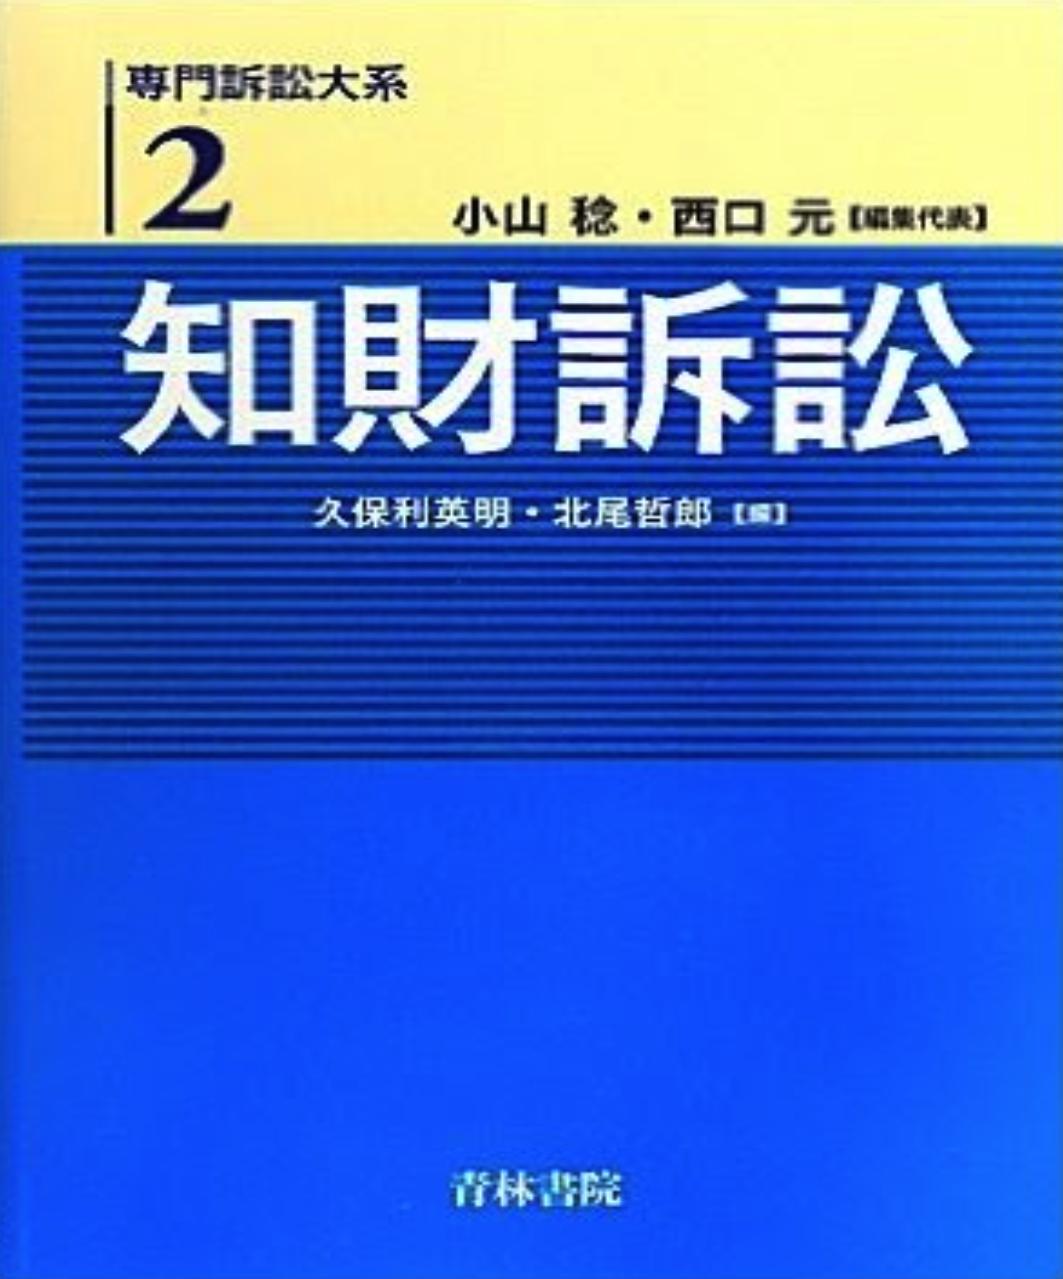 青林書院   2010年5月